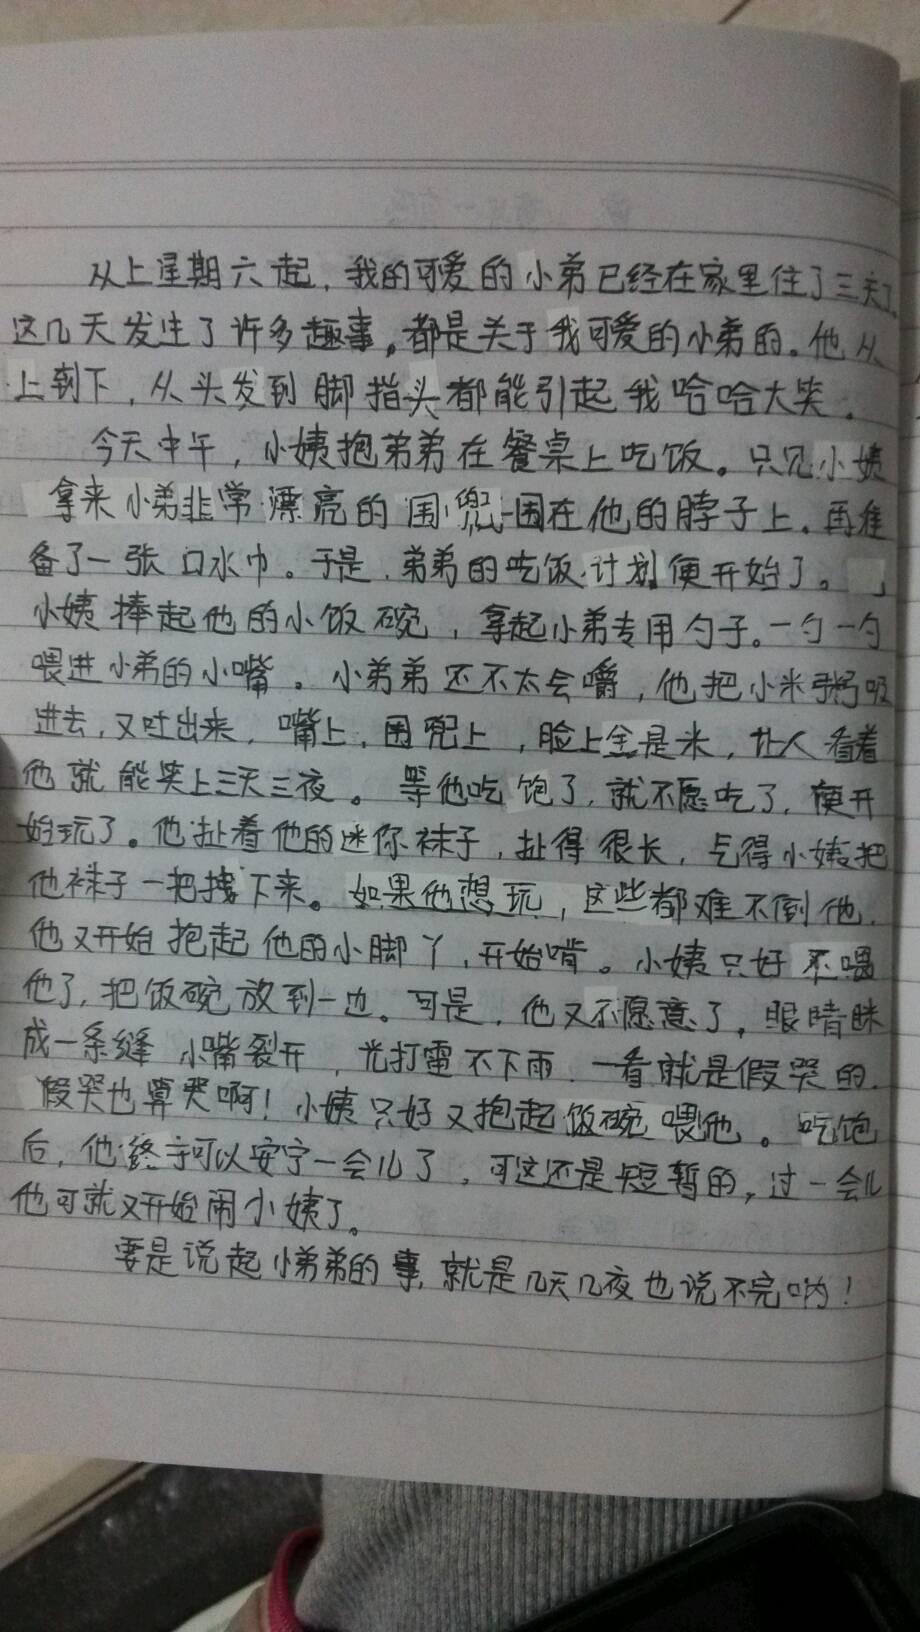 要一篇日记随笔,初中300~500字(只要不是网上抄的都)2017初中排名武汉图片